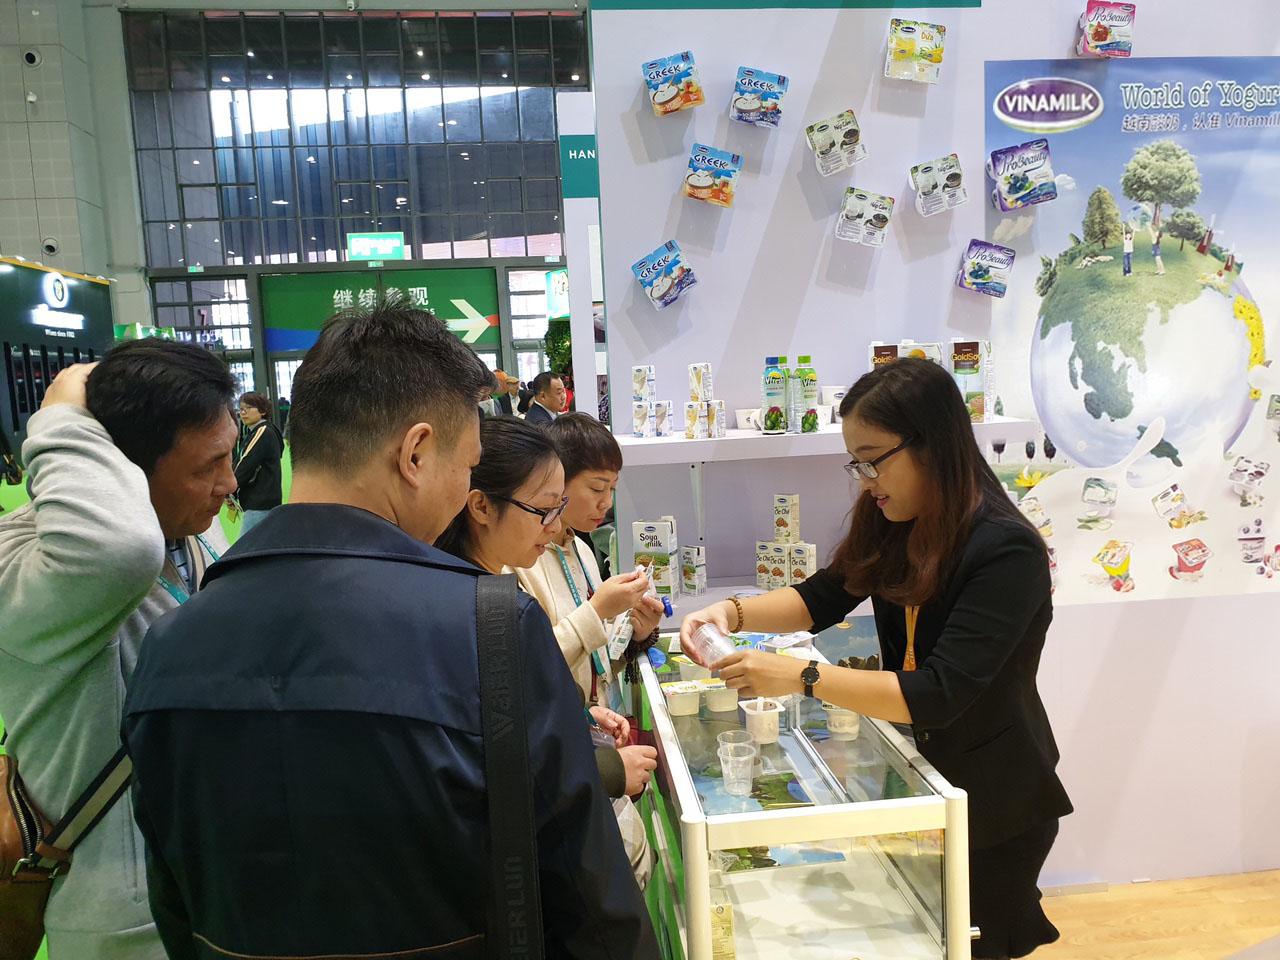 Sản phẩm sữa các loại của Vinamilk ra mắt người tiêu dùng trung quốc tại hội chợ nhập khẩu quốc tế Trung Quốc lần thứ nhất (CIIE 2018) tại Thượng Hải - Ảnh 2